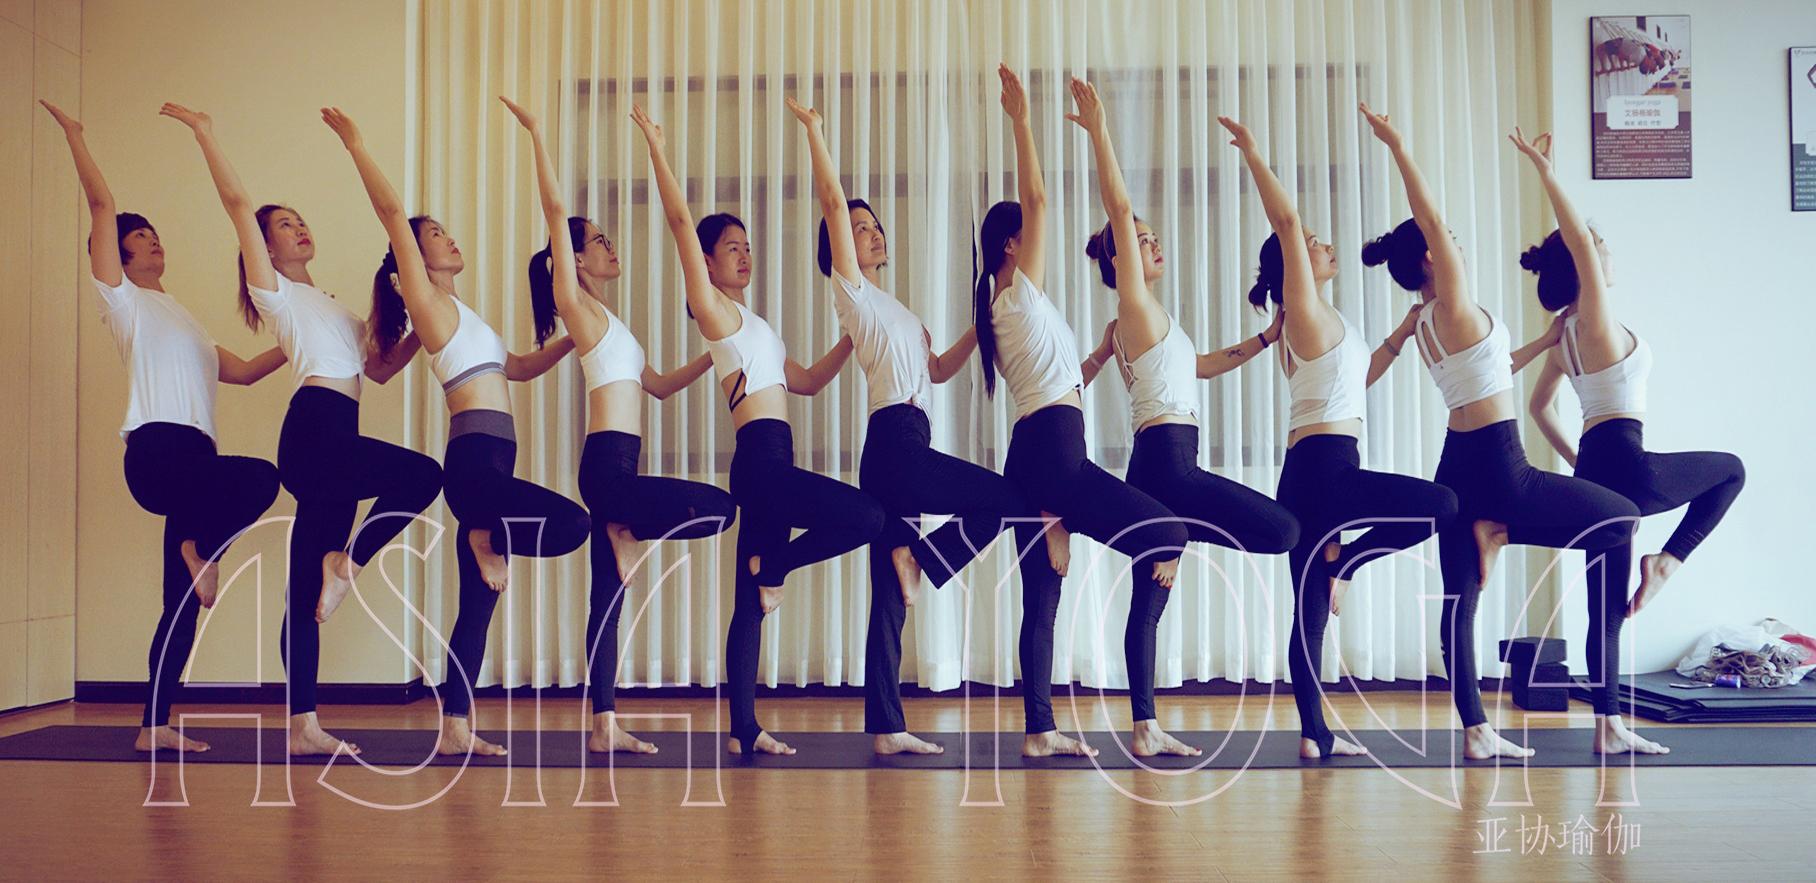 高级的瑜伽学校怎么选择?有哪些参考条件?